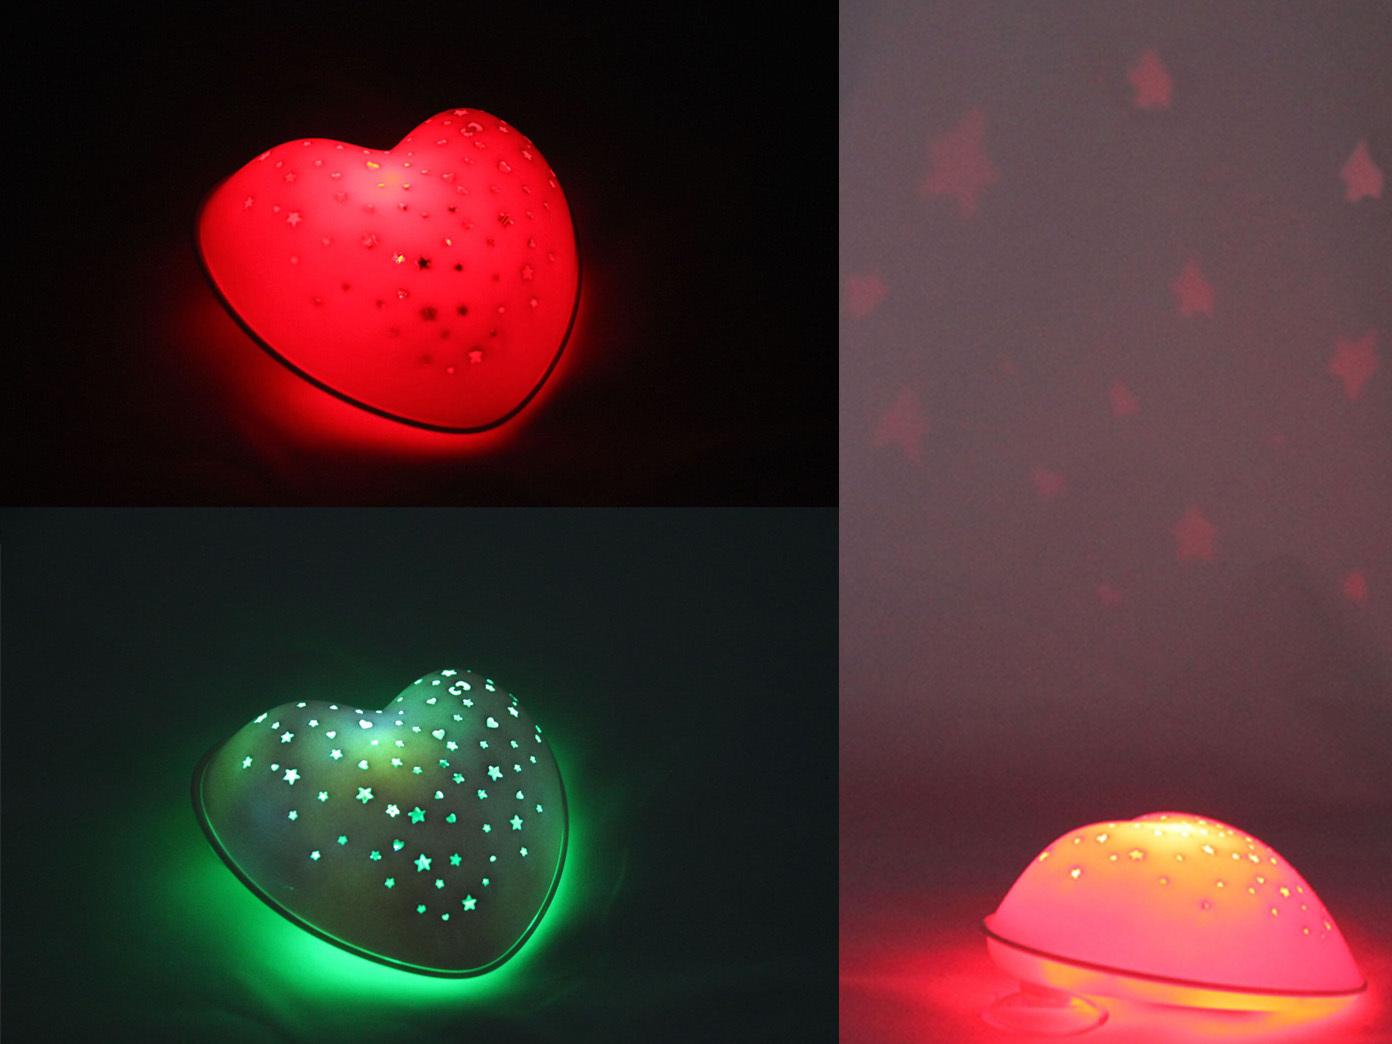 LED-noche-lampara-rosa-estrellas-corazon-explotaciones-Solar-luz-de-relajacion